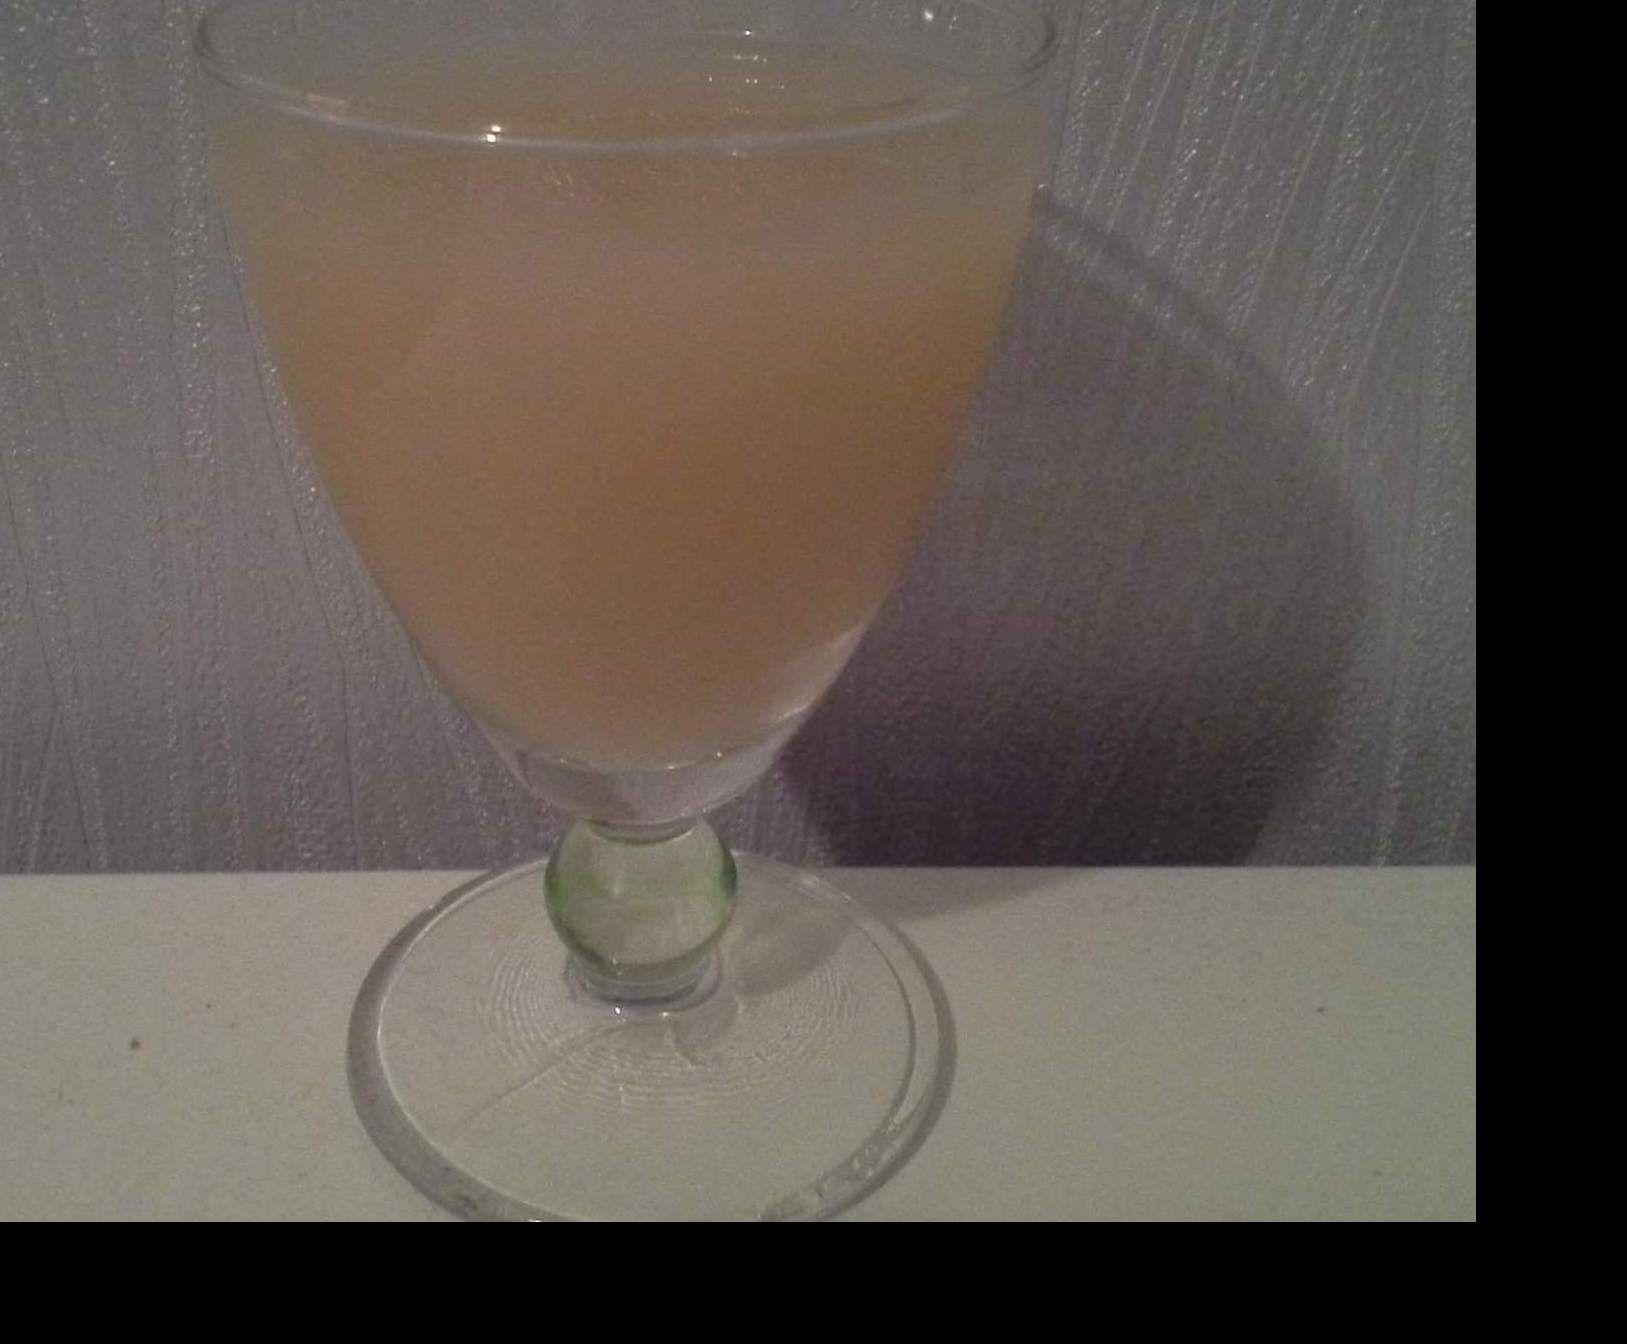 Recette jus de pommes/poires par Francou26 - recette de la catégorie Boissons